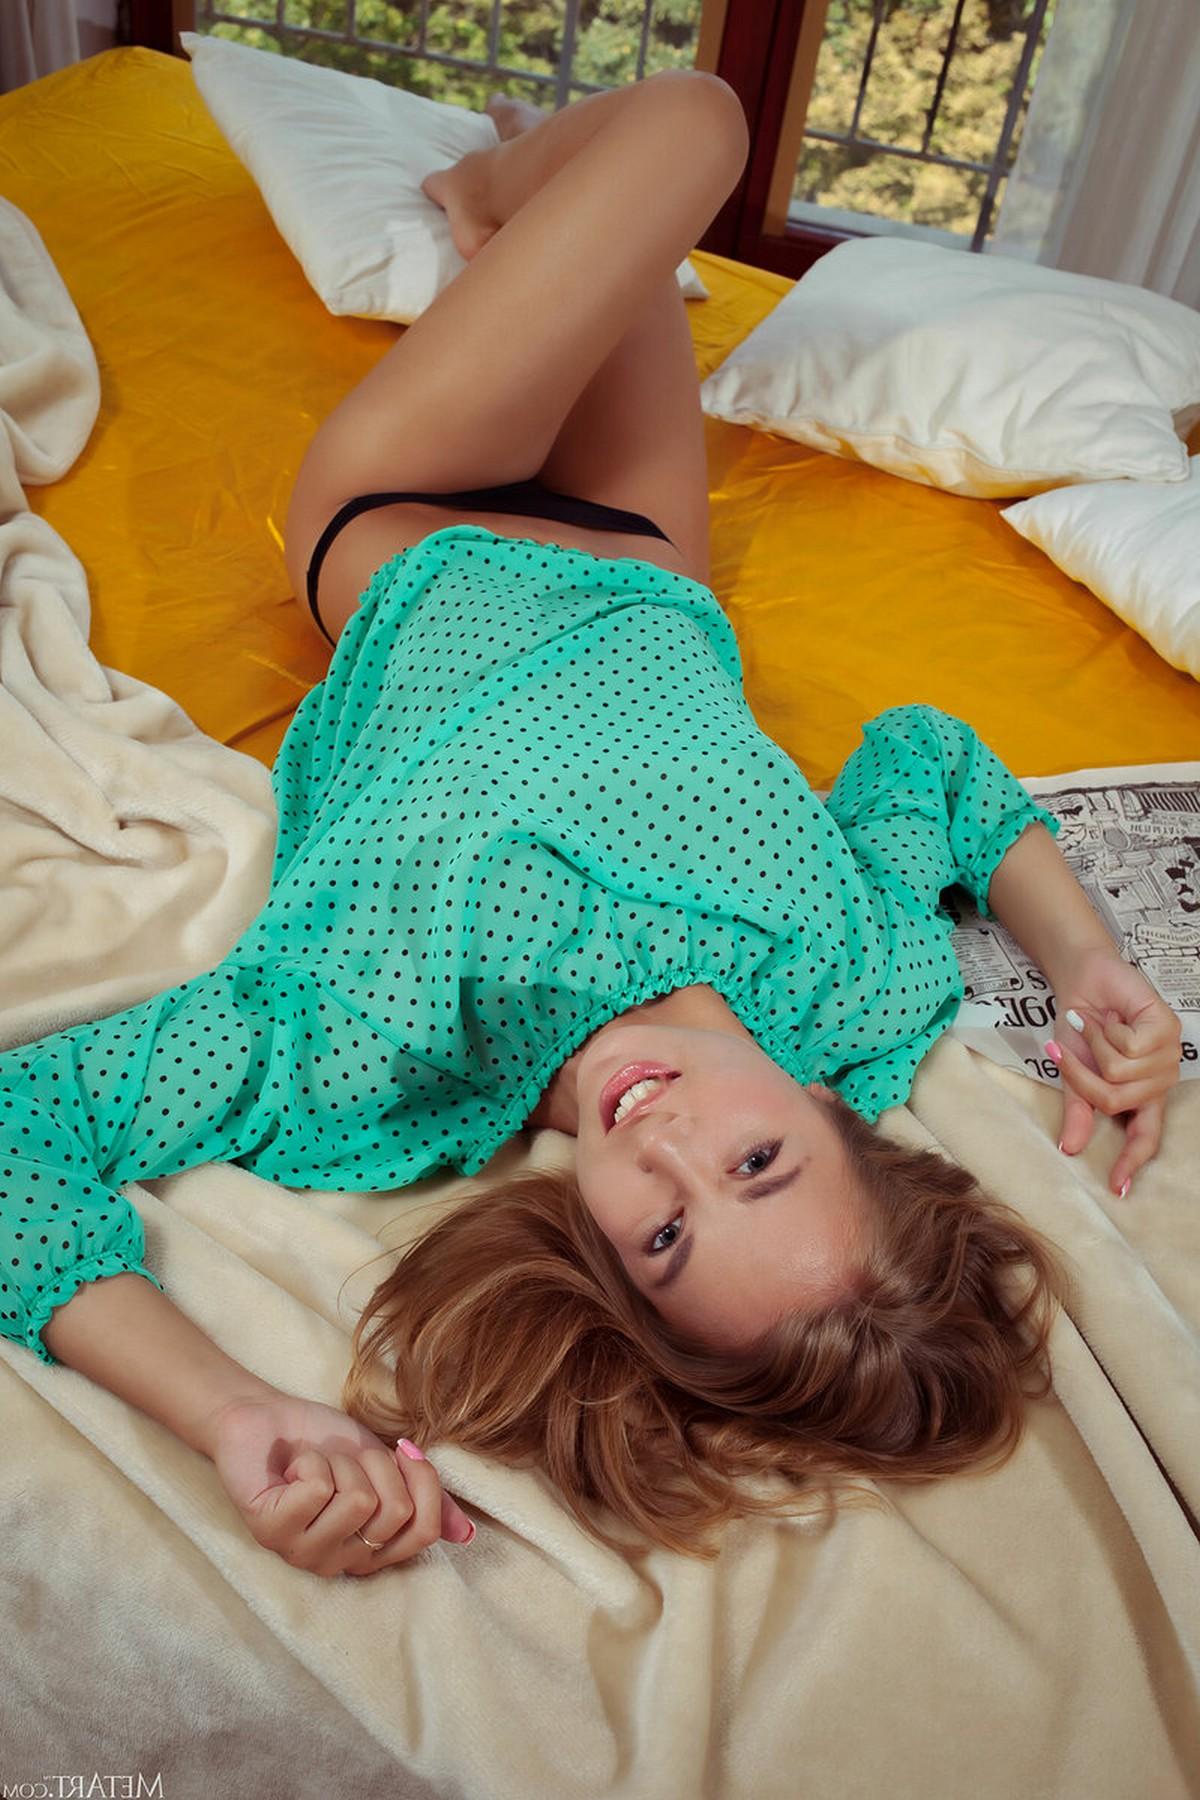 fotos lenceria sexy y juguetes sexuales